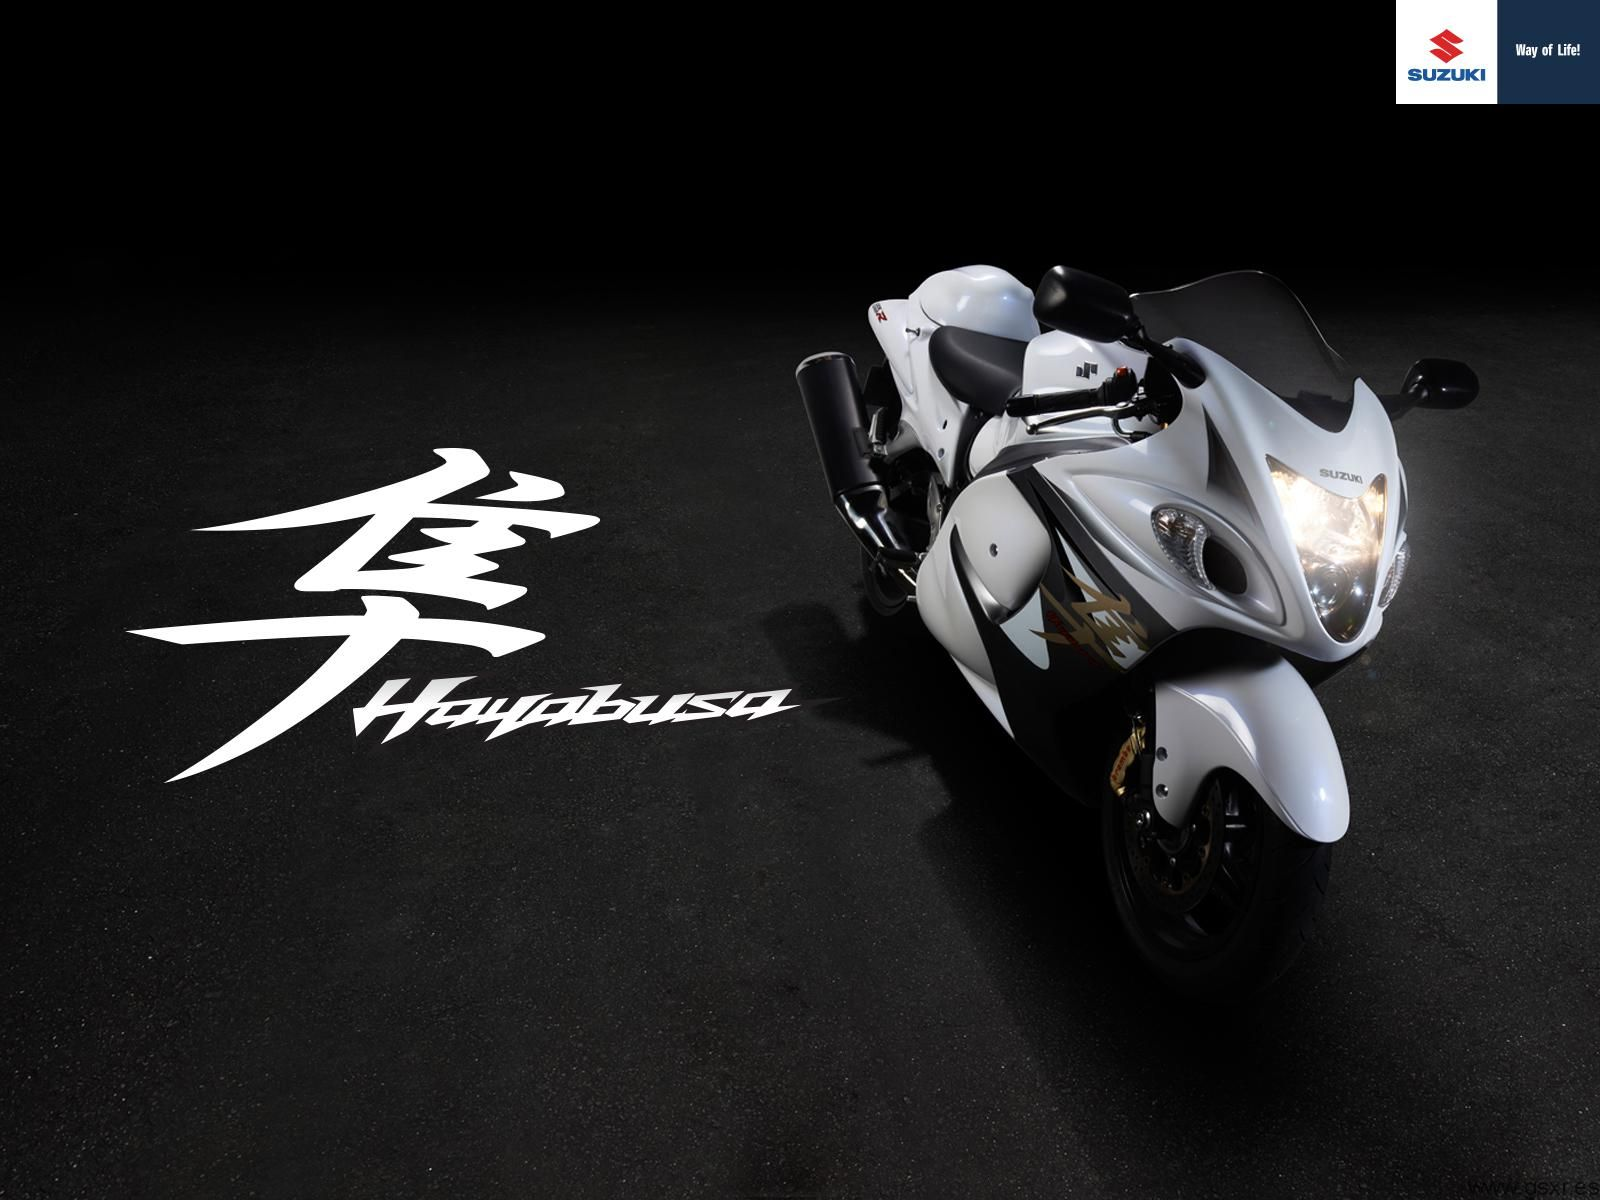 Wallpapers Tagged With Hayabusa Hayabusa Hd Wallpapers Page Suzuki Gsxr Hayabusa Suzuki Hayabusa